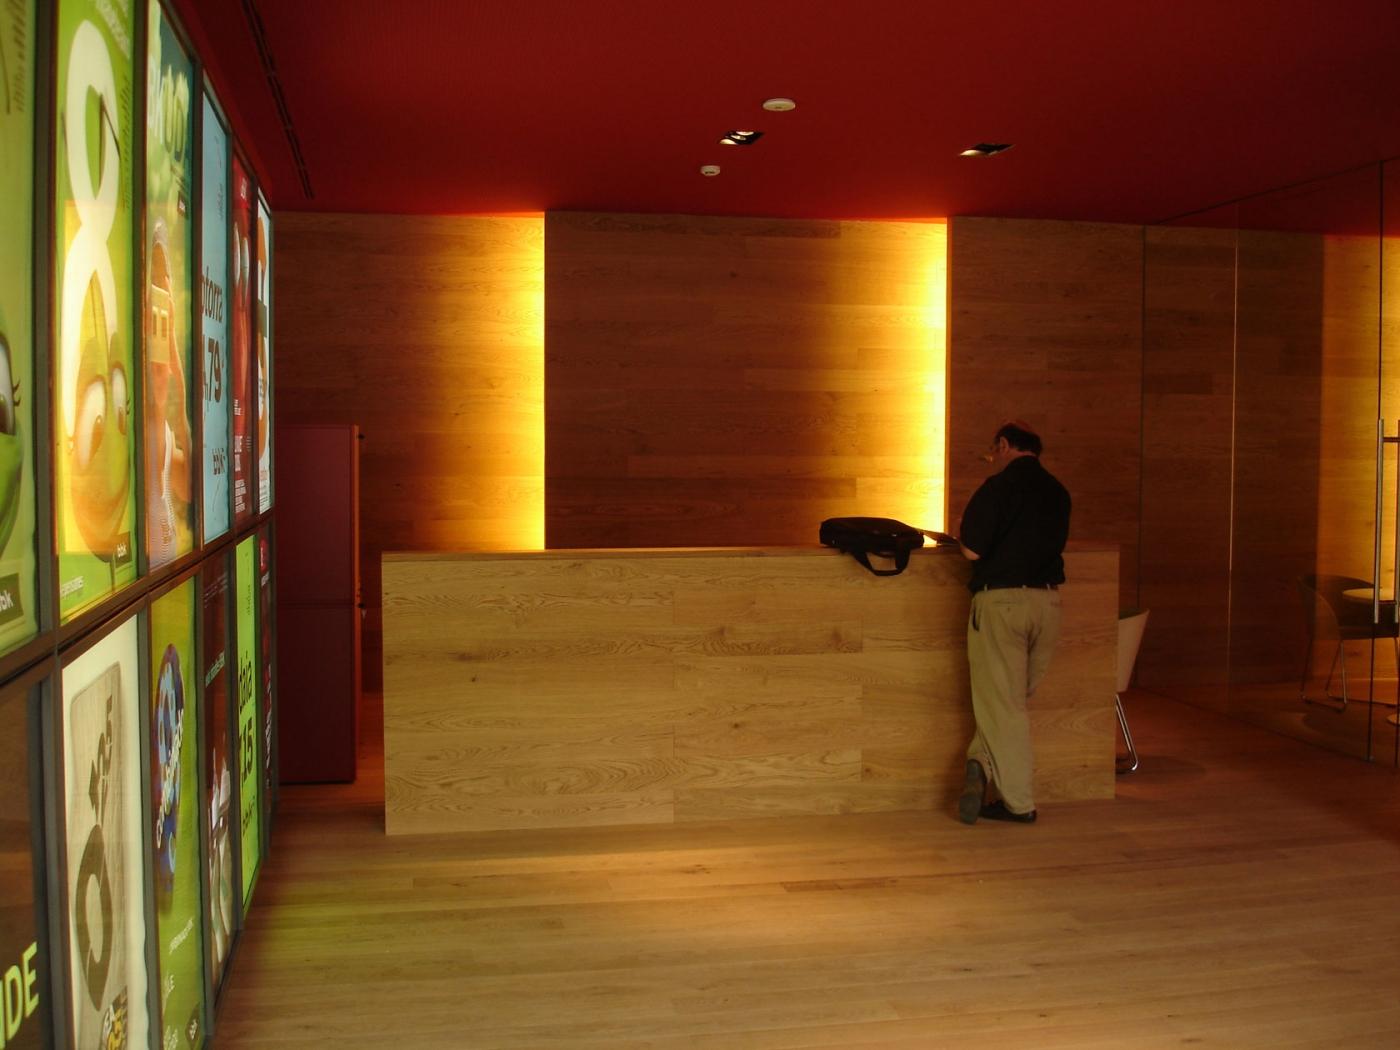 Sucursales bancarias bbk interiorismo dani freixes for Oficinas bbk en barcelona